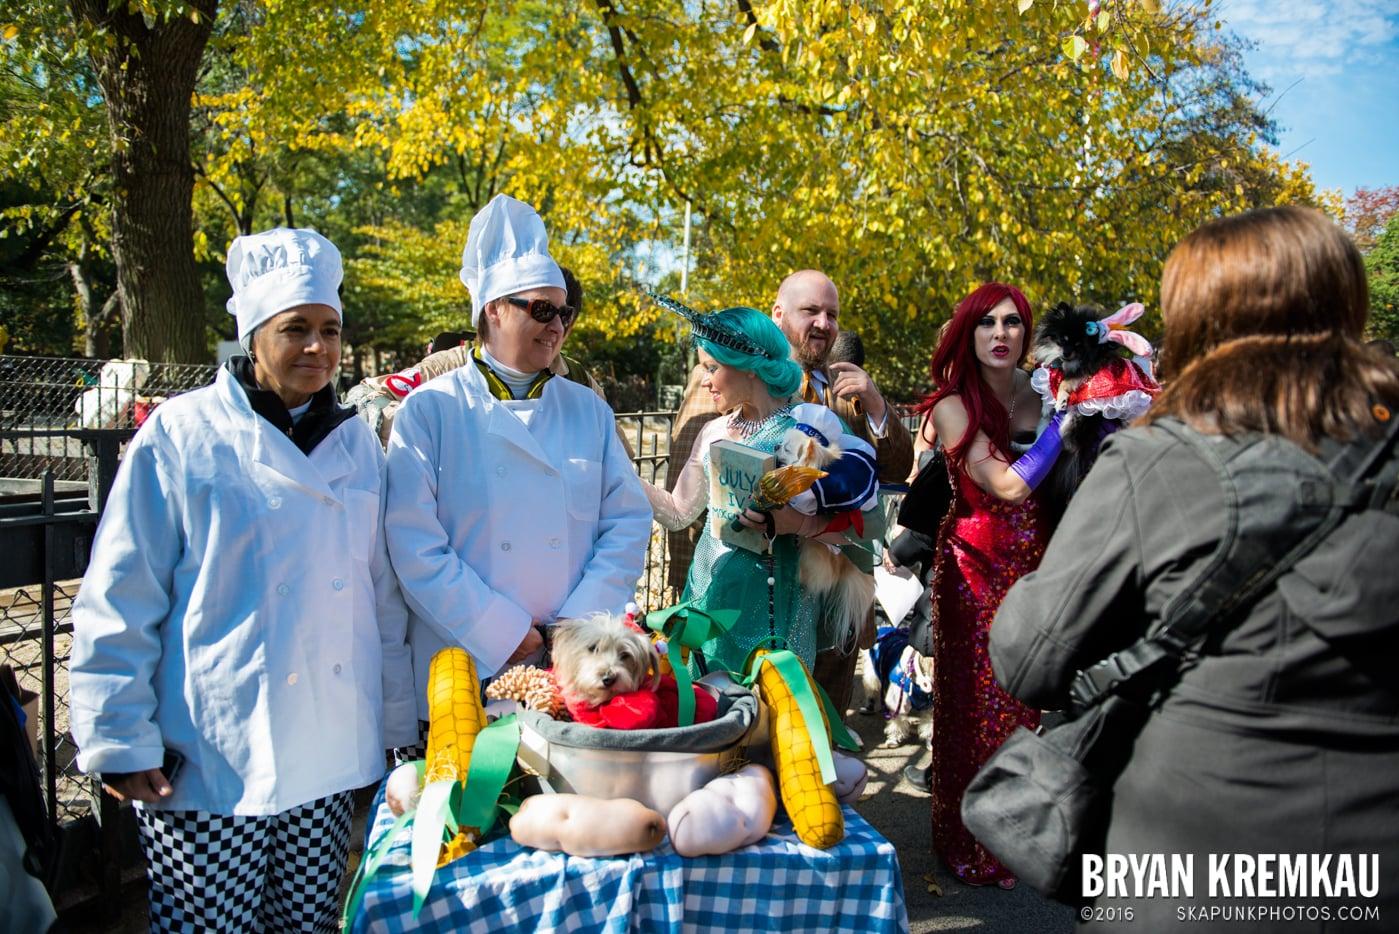 Tompkins Square Halloween Dog Parade 2013 @ Tompkins Square Park, NYC - 10.26.13 (68)